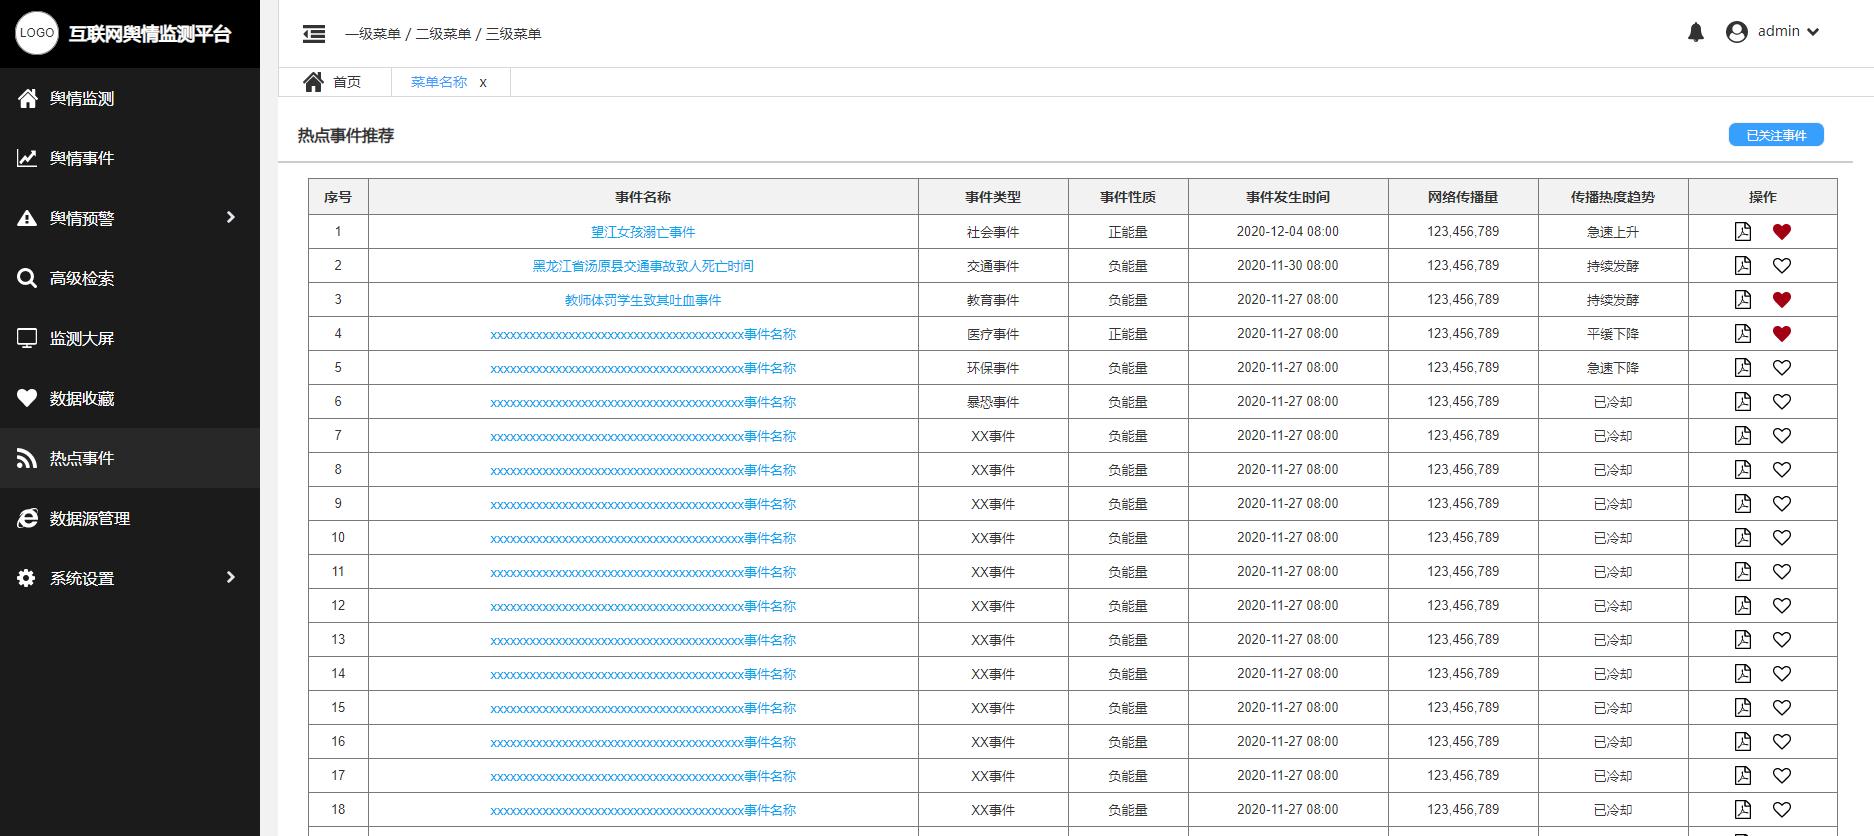 微信截图-20201208164303